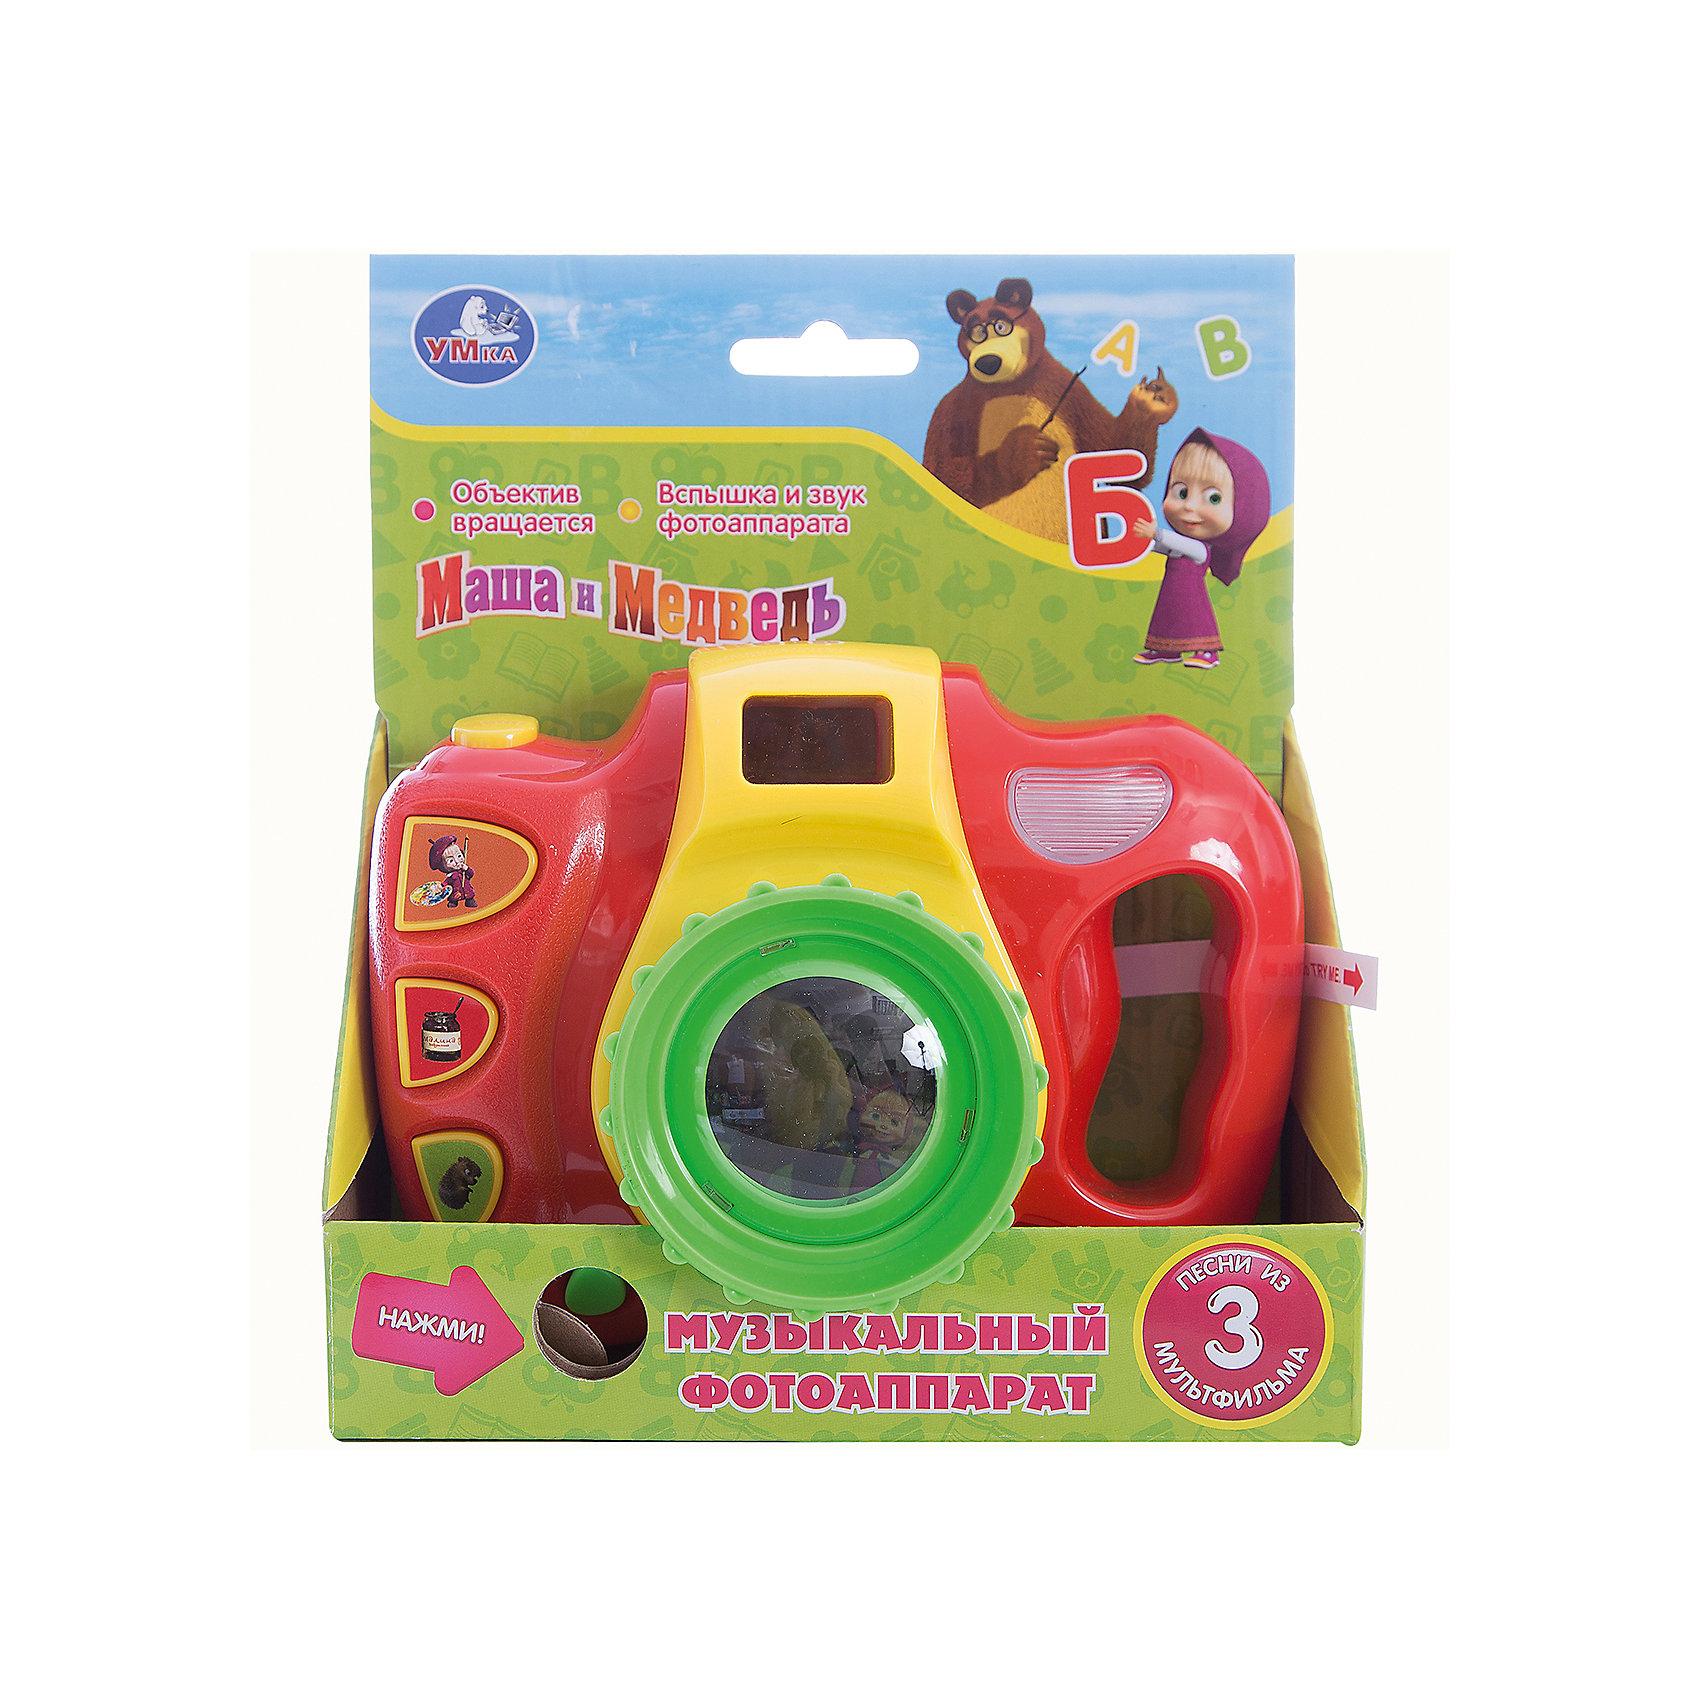 Музыкальный фотоаппарат, 3 песни, свет, Маша и Медведь, УмкаРазвивающие игрушки<br>Интерактивная игрушка в виде фотоаппарата разработана специально для самых маленьких. Она поет детские песни из мультфильма Маша и Медведь имеет световые эффекты. С помощью нее ребенок будет активнее изучать окружающий мир и развивать моторику, слуховое восприятие и память.<br>Игрушка произведена из высококачественных материалов, которые безопасны для ребенка. Она мало весит, поэтому ее можно брать на прогулки или в поездку. Работает на батарейках.<br><br>Дополнительная информация:<br><br>цвет: разноцветный;<br>материал: пластик;<br>язык: русский;<br>вес: 0,35 кг.<br><br>Музыкальный фотоаппарат, 3 песни, свет, Маша и Медведь, от марки Умка можно купить в нашем магазине.<br><br>Ширина мм: 220<br>Глубина мм: 180<br>Высота мм: 70<br>Вес г: 350<br>Возраст от месяцев: 24<br>Возраст до месяцев: 60<br>Пол: Унисекс<br>Возраст: Детский<br>SKU: 4720285